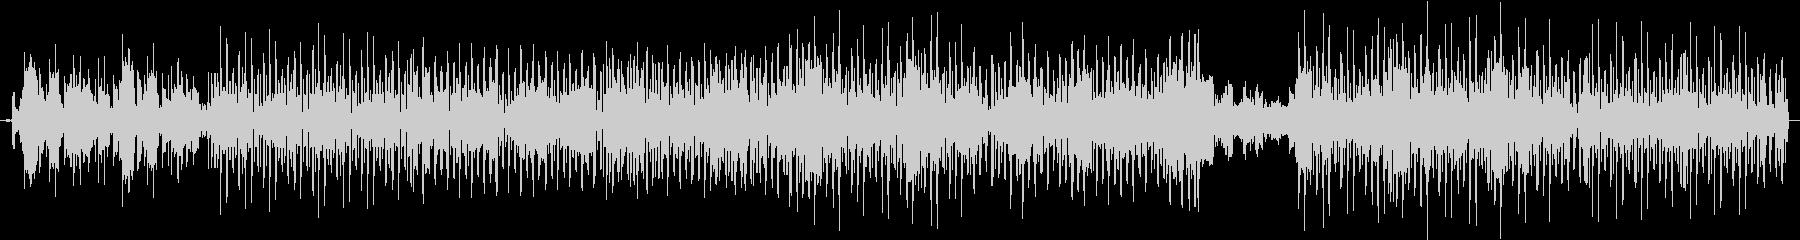 CoolなDiscoFunkの未再生の波形